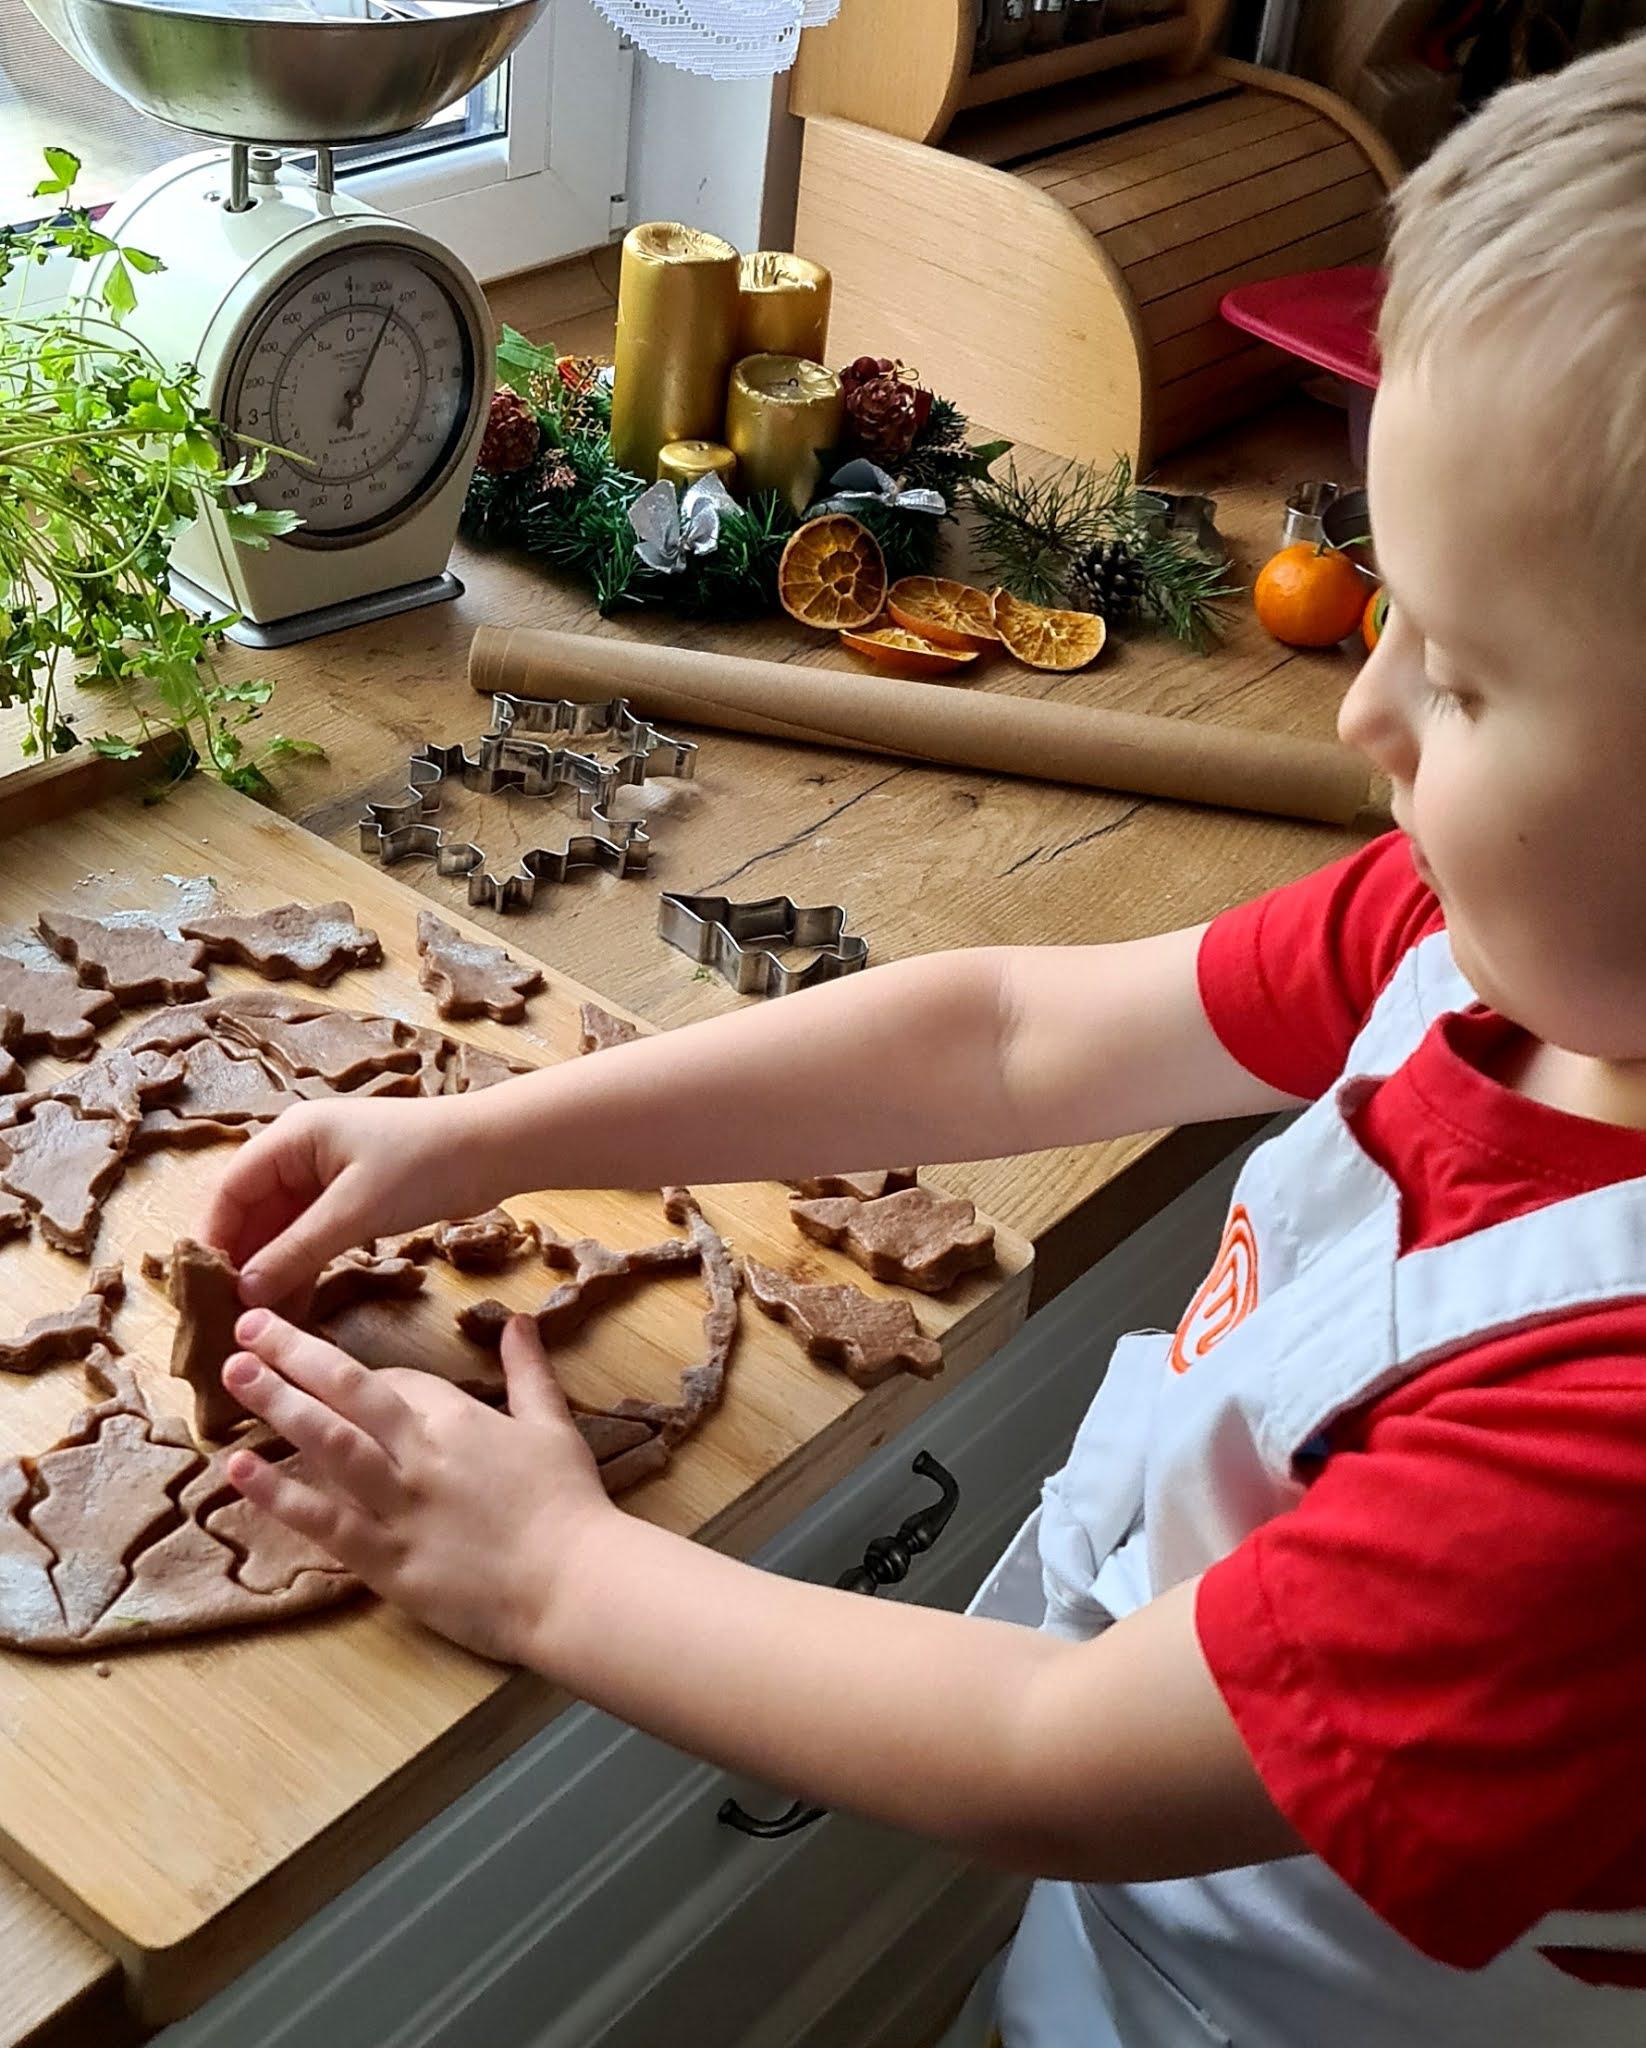 Dlaczego warto angażować dzieci w prace kuchenne?